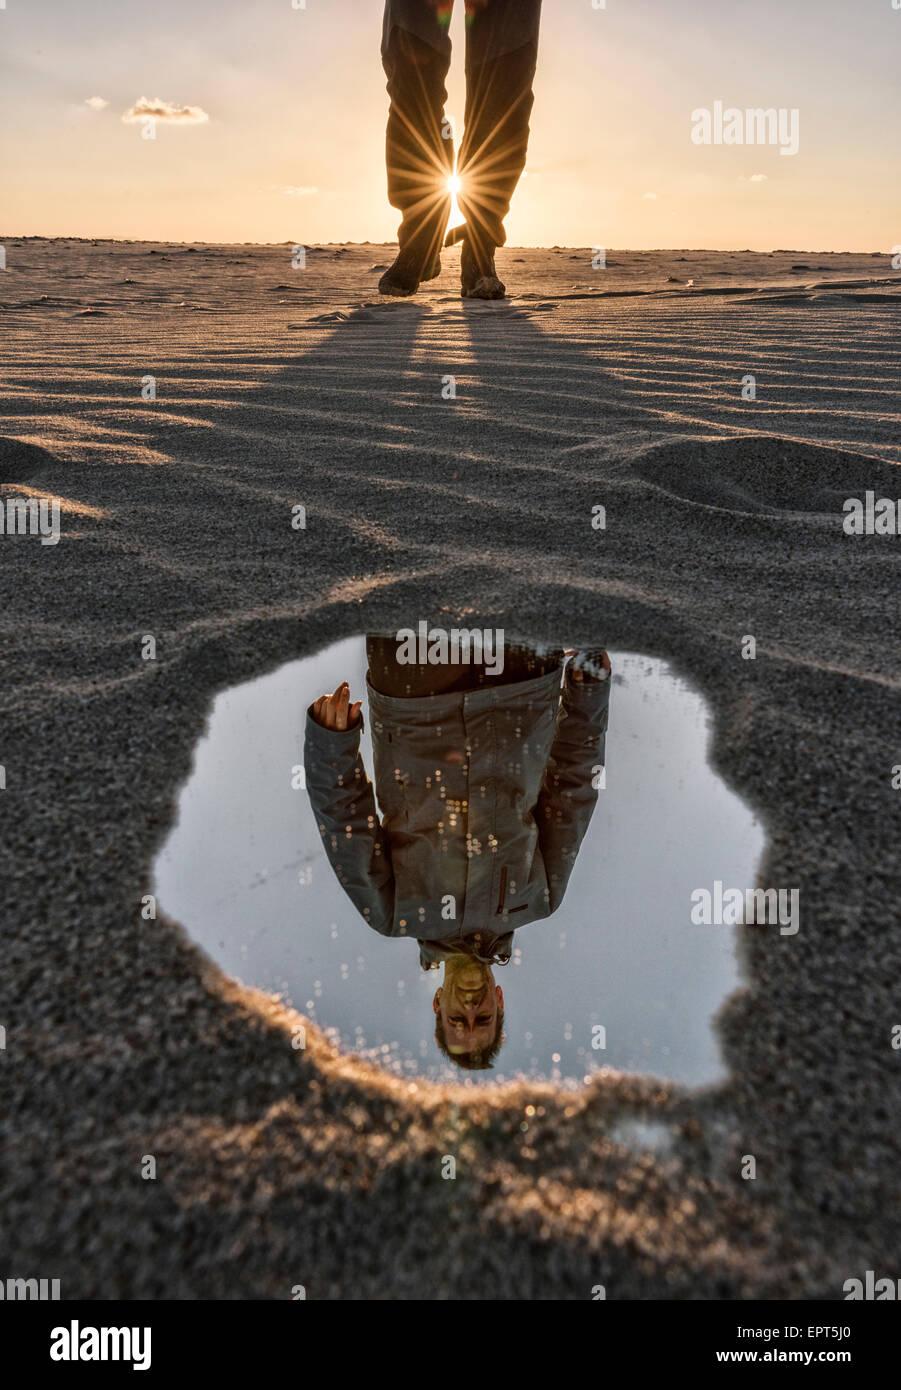 La réflexion d'un homme. Photo Stock